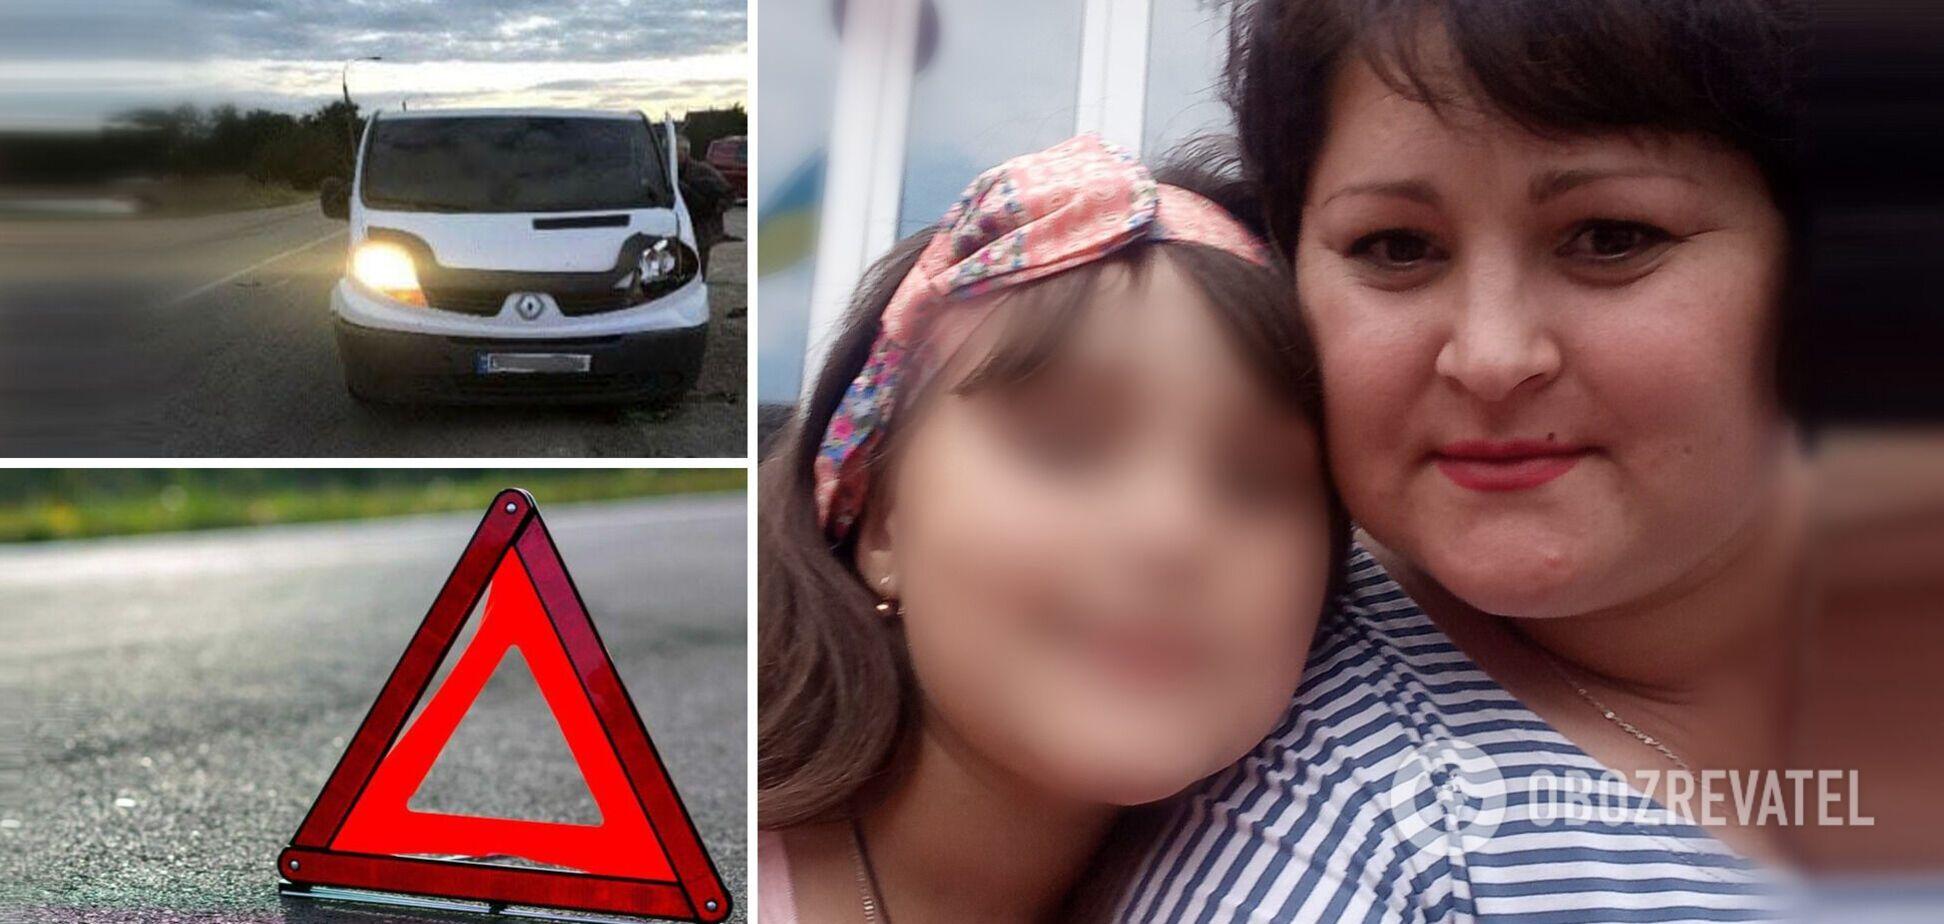 В ДТП на Херсонщине погибли мама с дочерью, но водителя не задержали: подробности трагедии